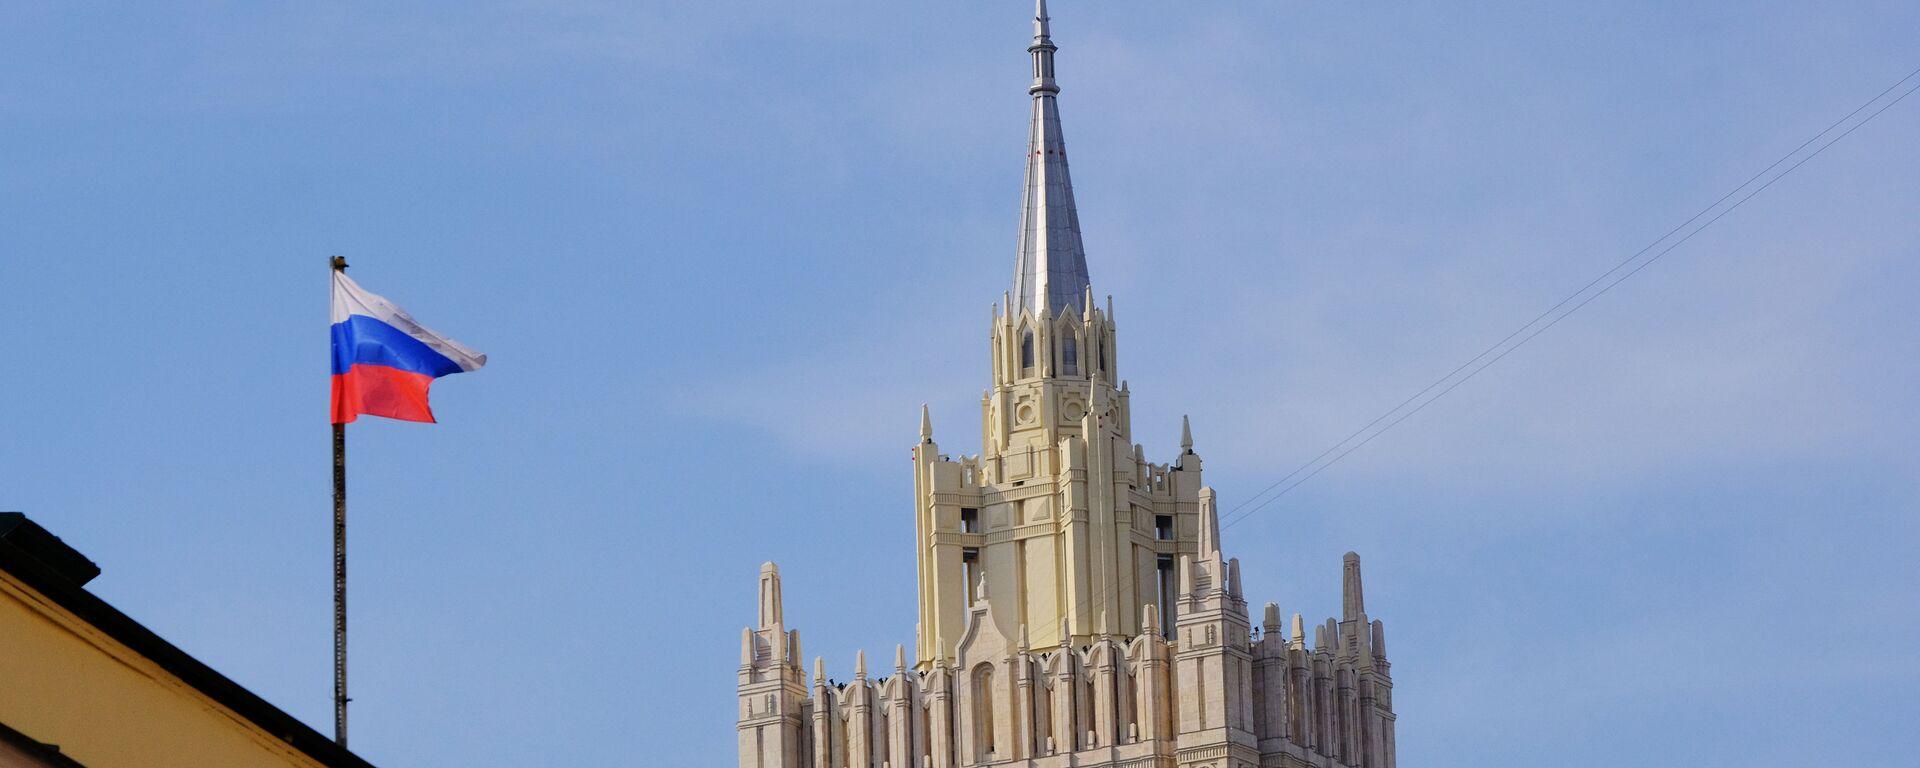 Budova Ministerstva zahraničních věcí Ruska v Moskvě - Sputnik Česká republika, 1920, 28.04.2021